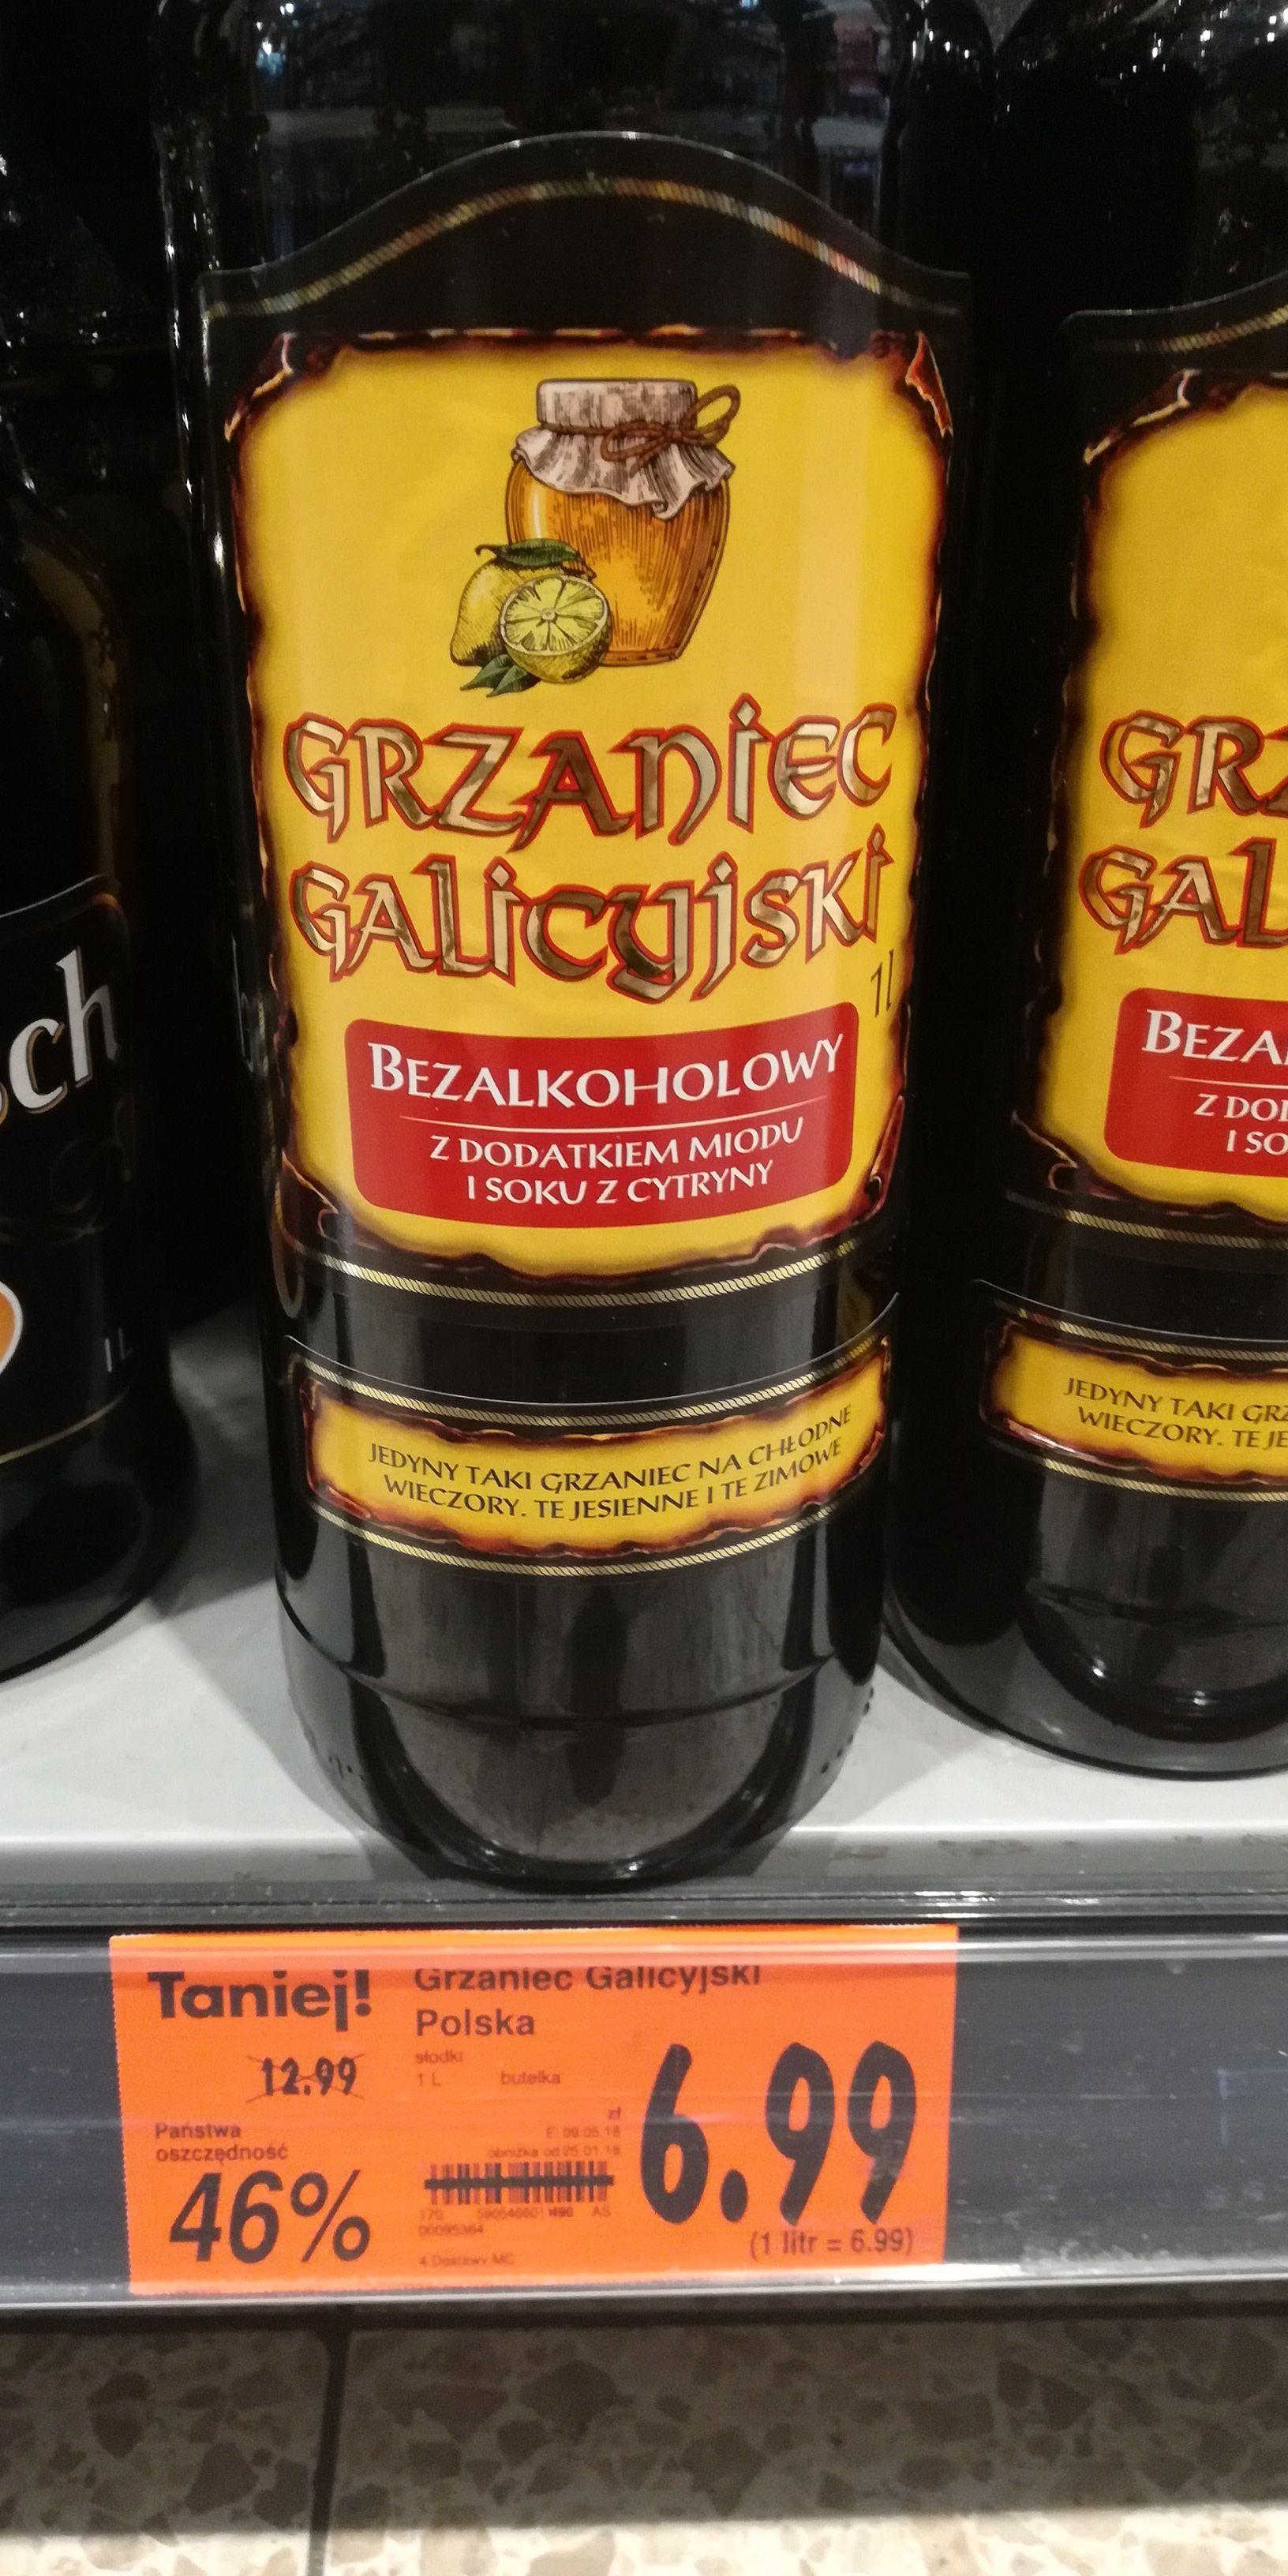 Kaufland 1 litr grzaniec Galicyjski bezalkoholowy